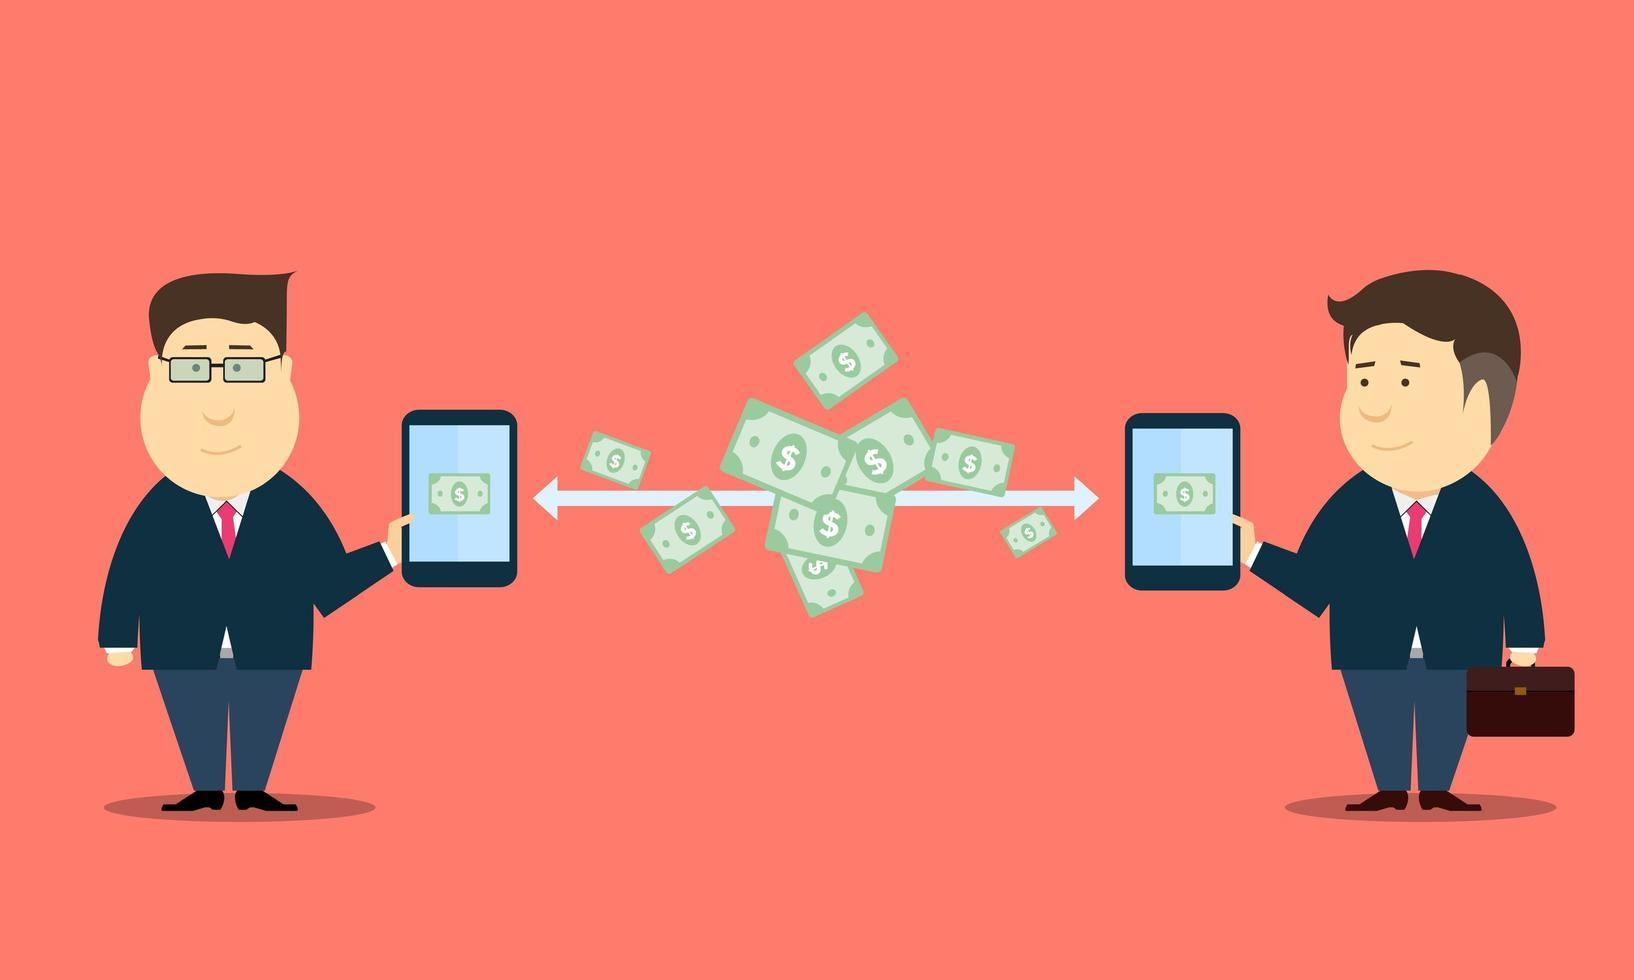 transferência de dinheiro de negócios online vetor